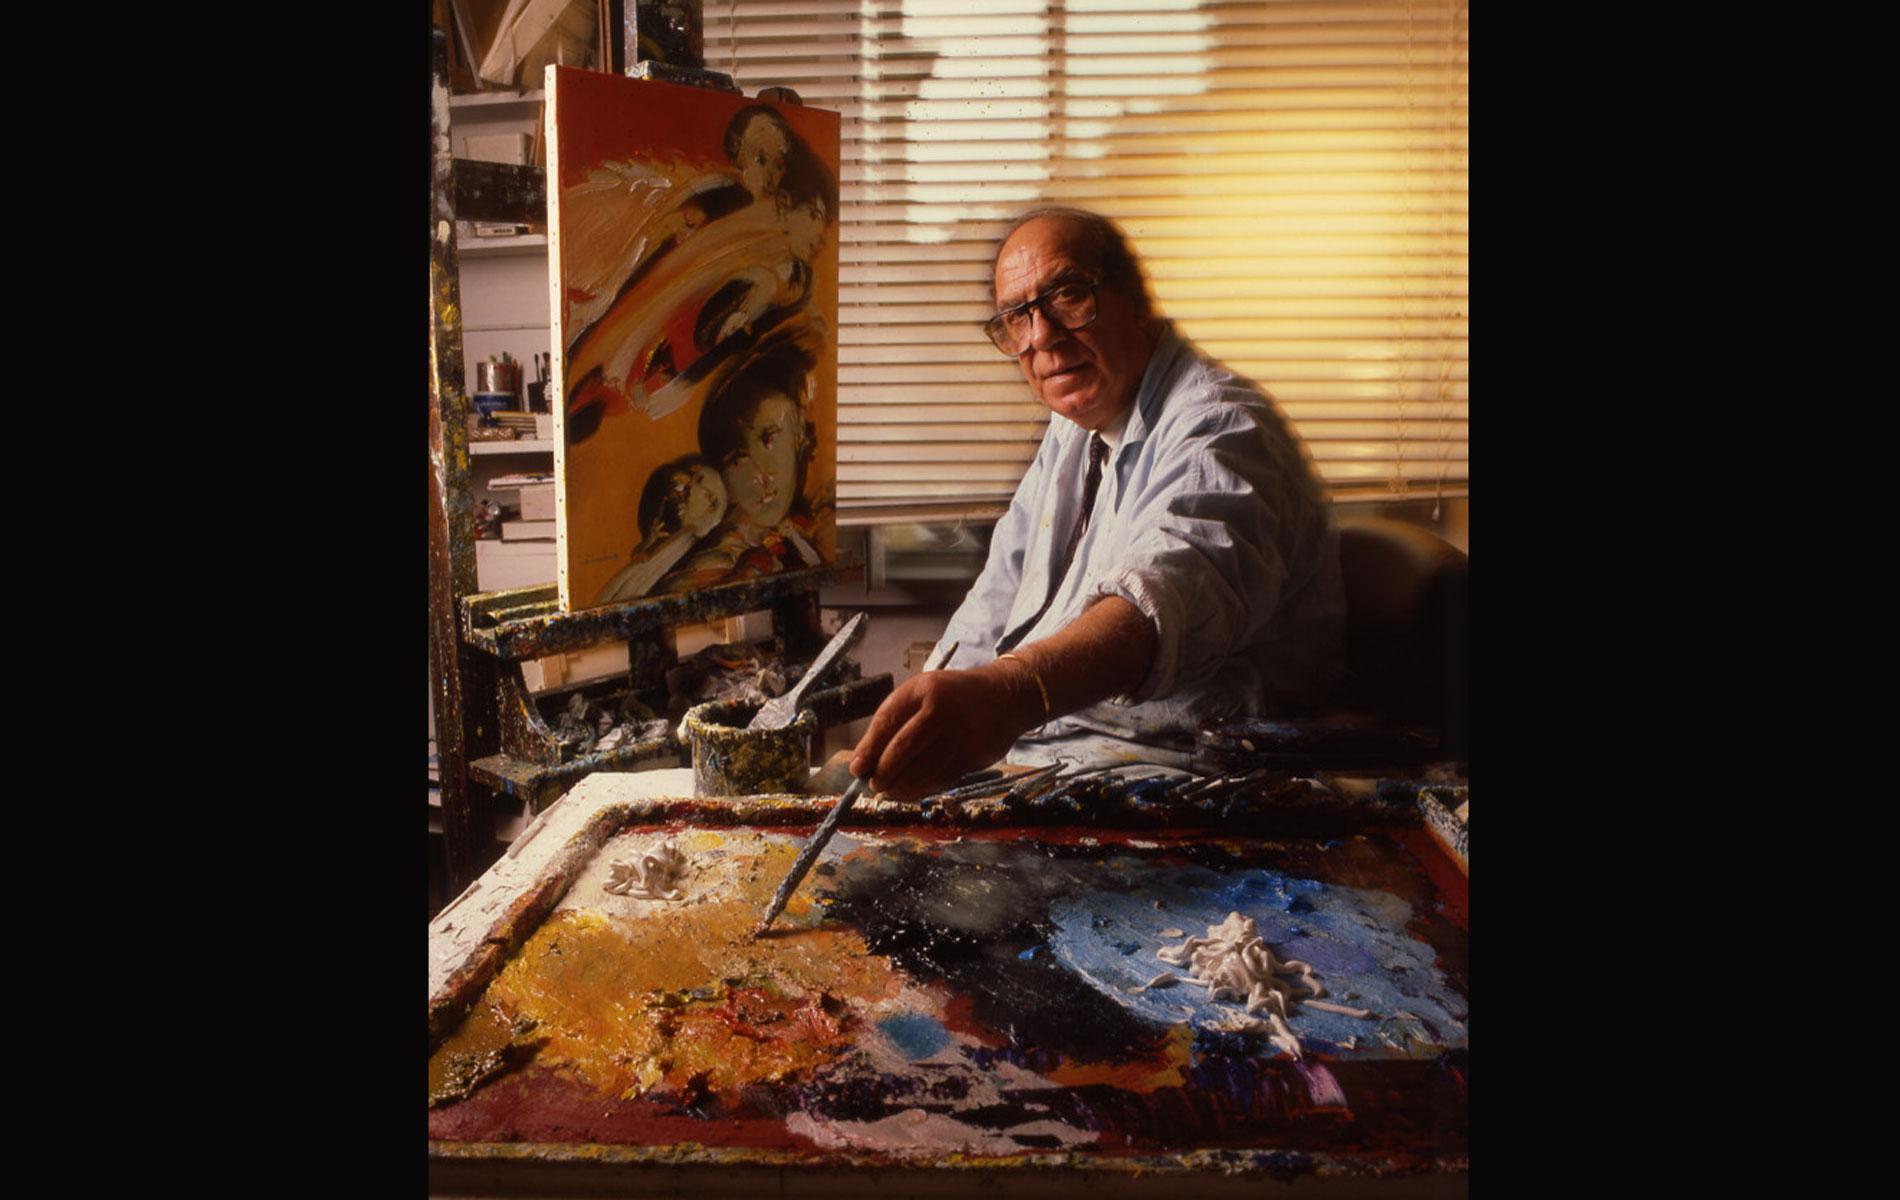 REMO BRINDISI - Italian Painter - Portraits Exhibition - © Graziano Villa